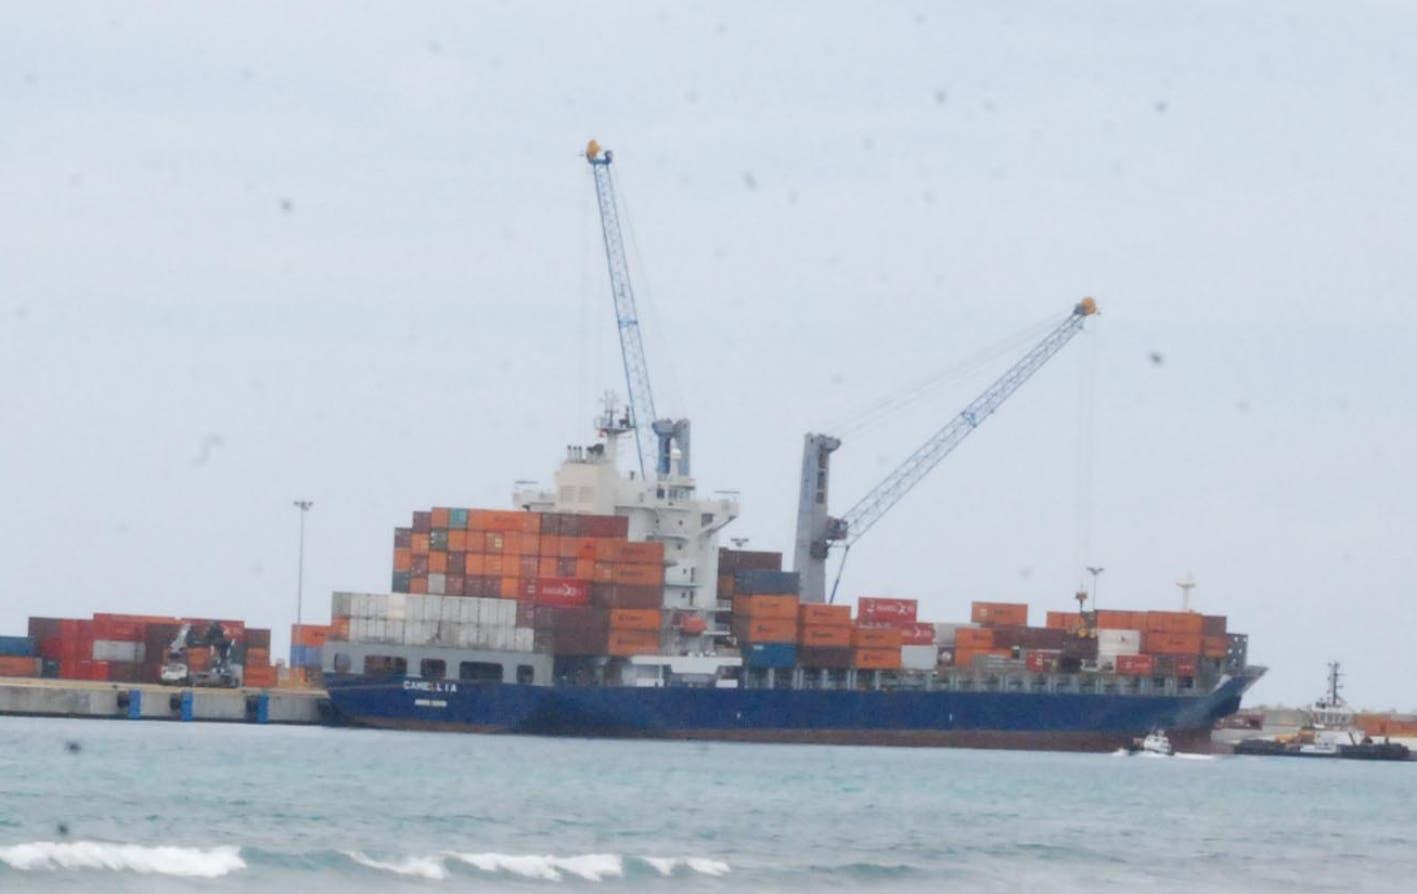 Puerto de punta Caucedo de boca chica República Dominicana. 26 de abril del 2012. Foto Pedro Sosa